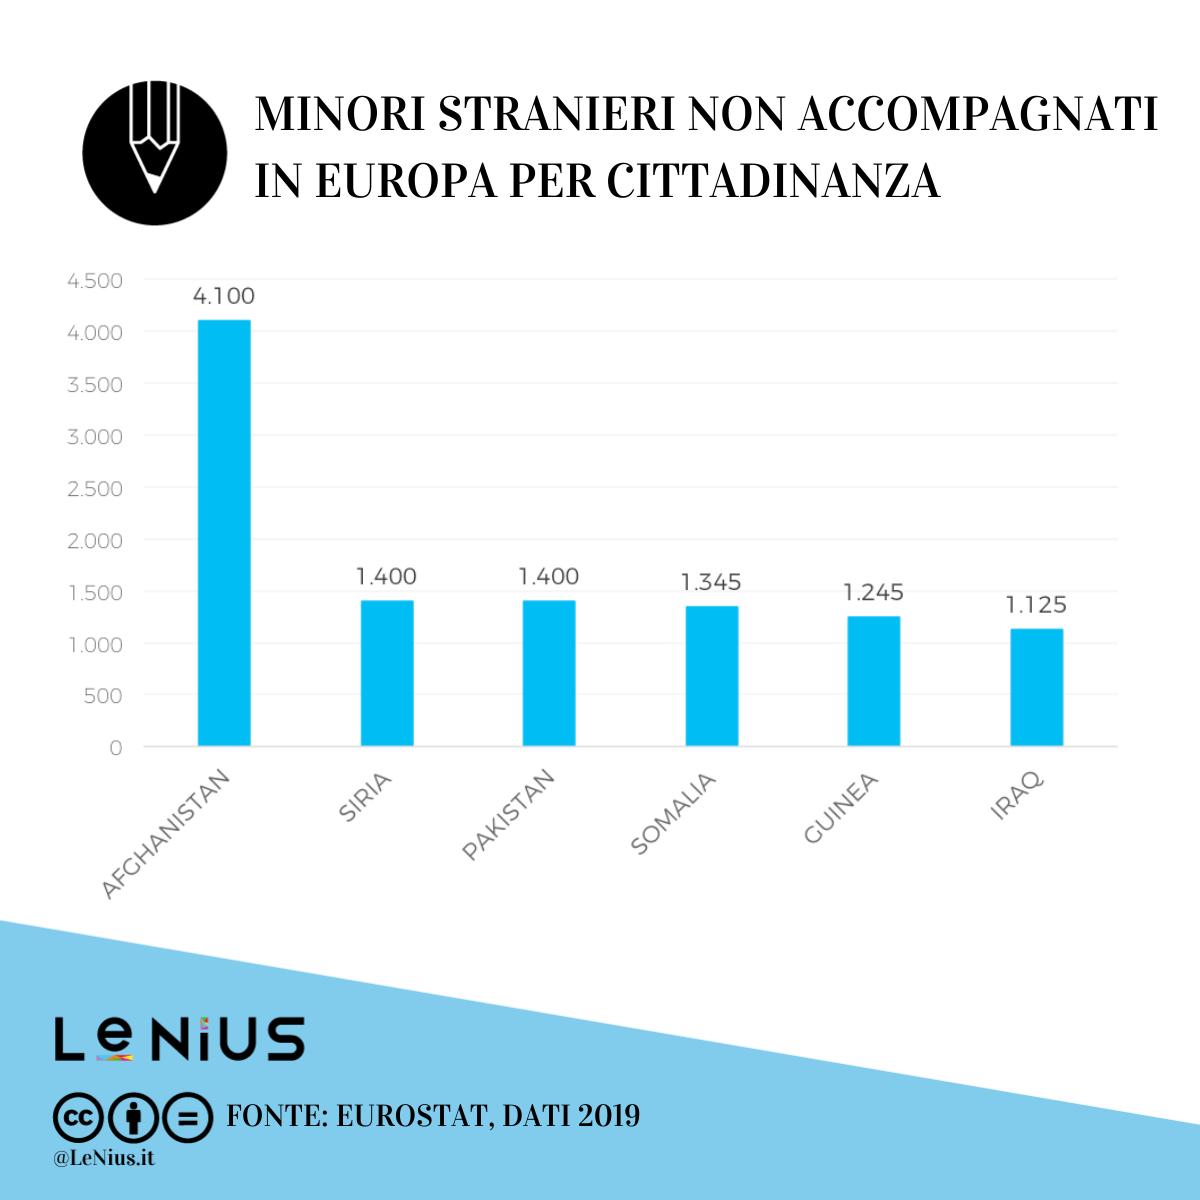 msna in europa per cittadinanza 2019